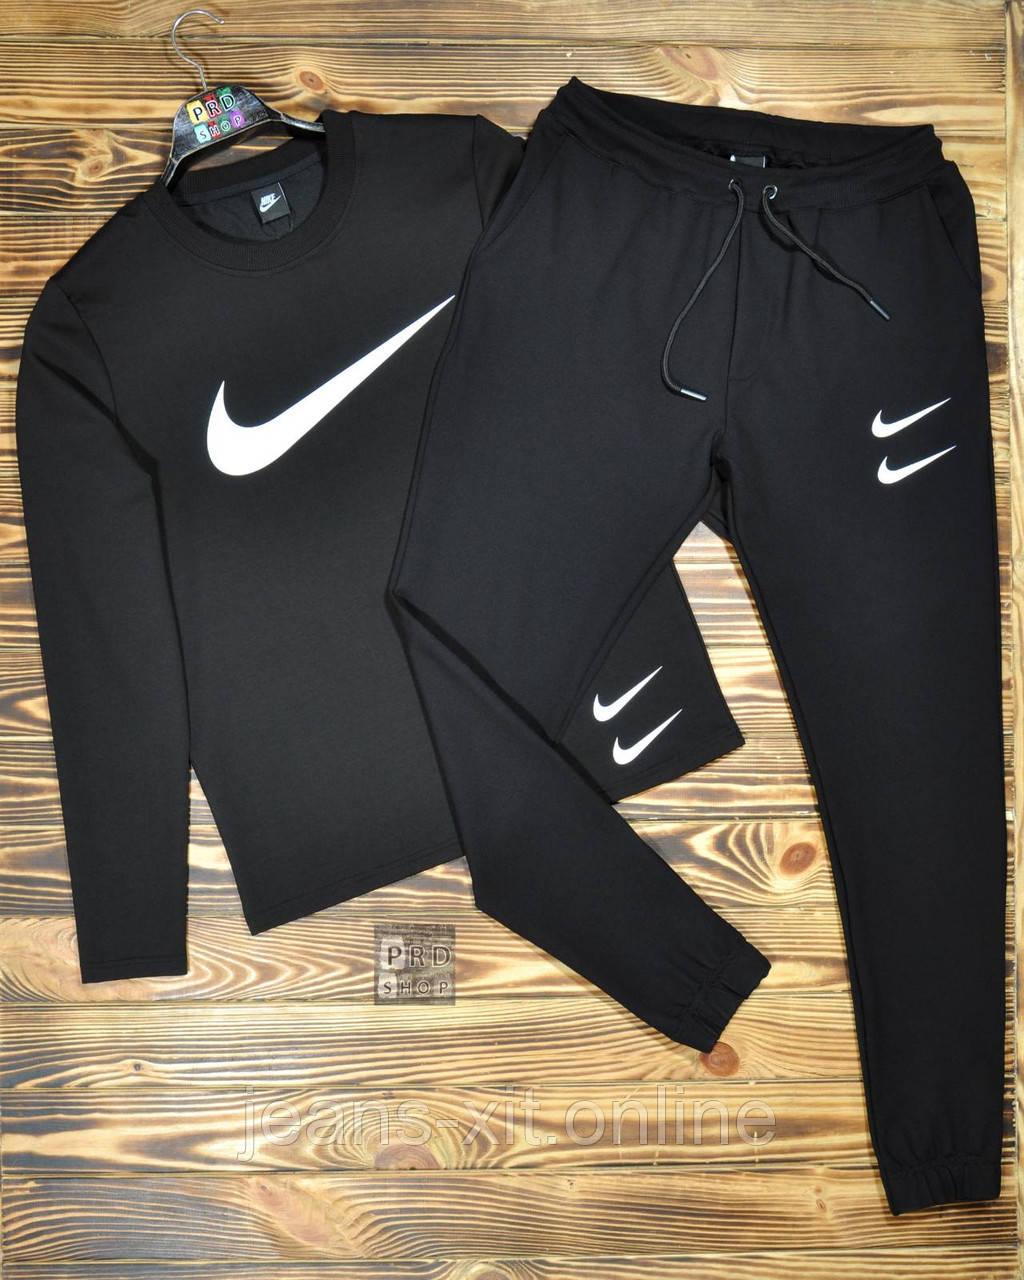 Футболка Чол. M(р) чорний 4016 Nike Туреччина Осінь-C